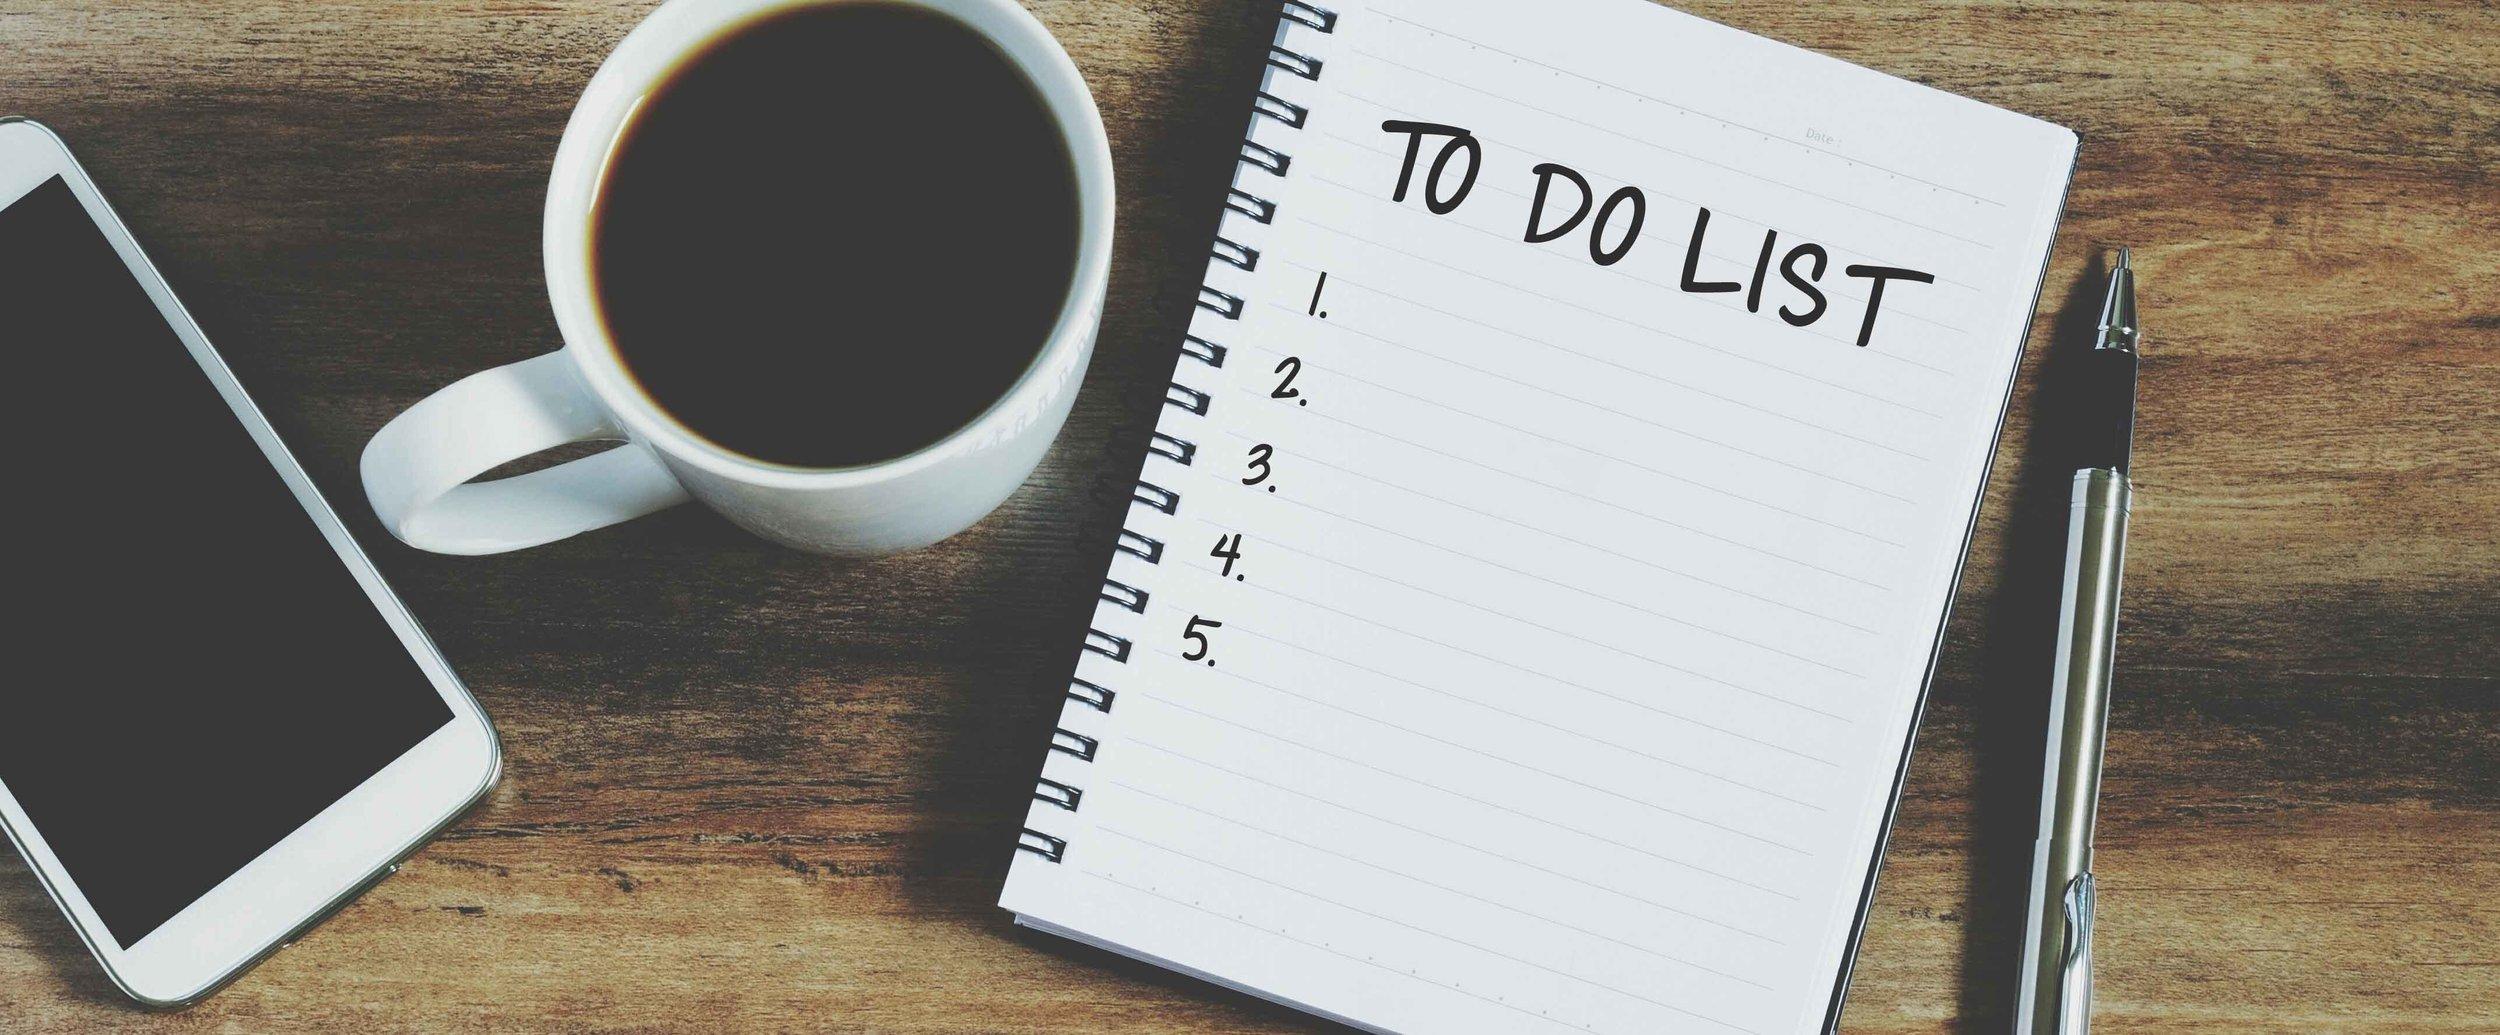 To_Do_List-LR.jpg